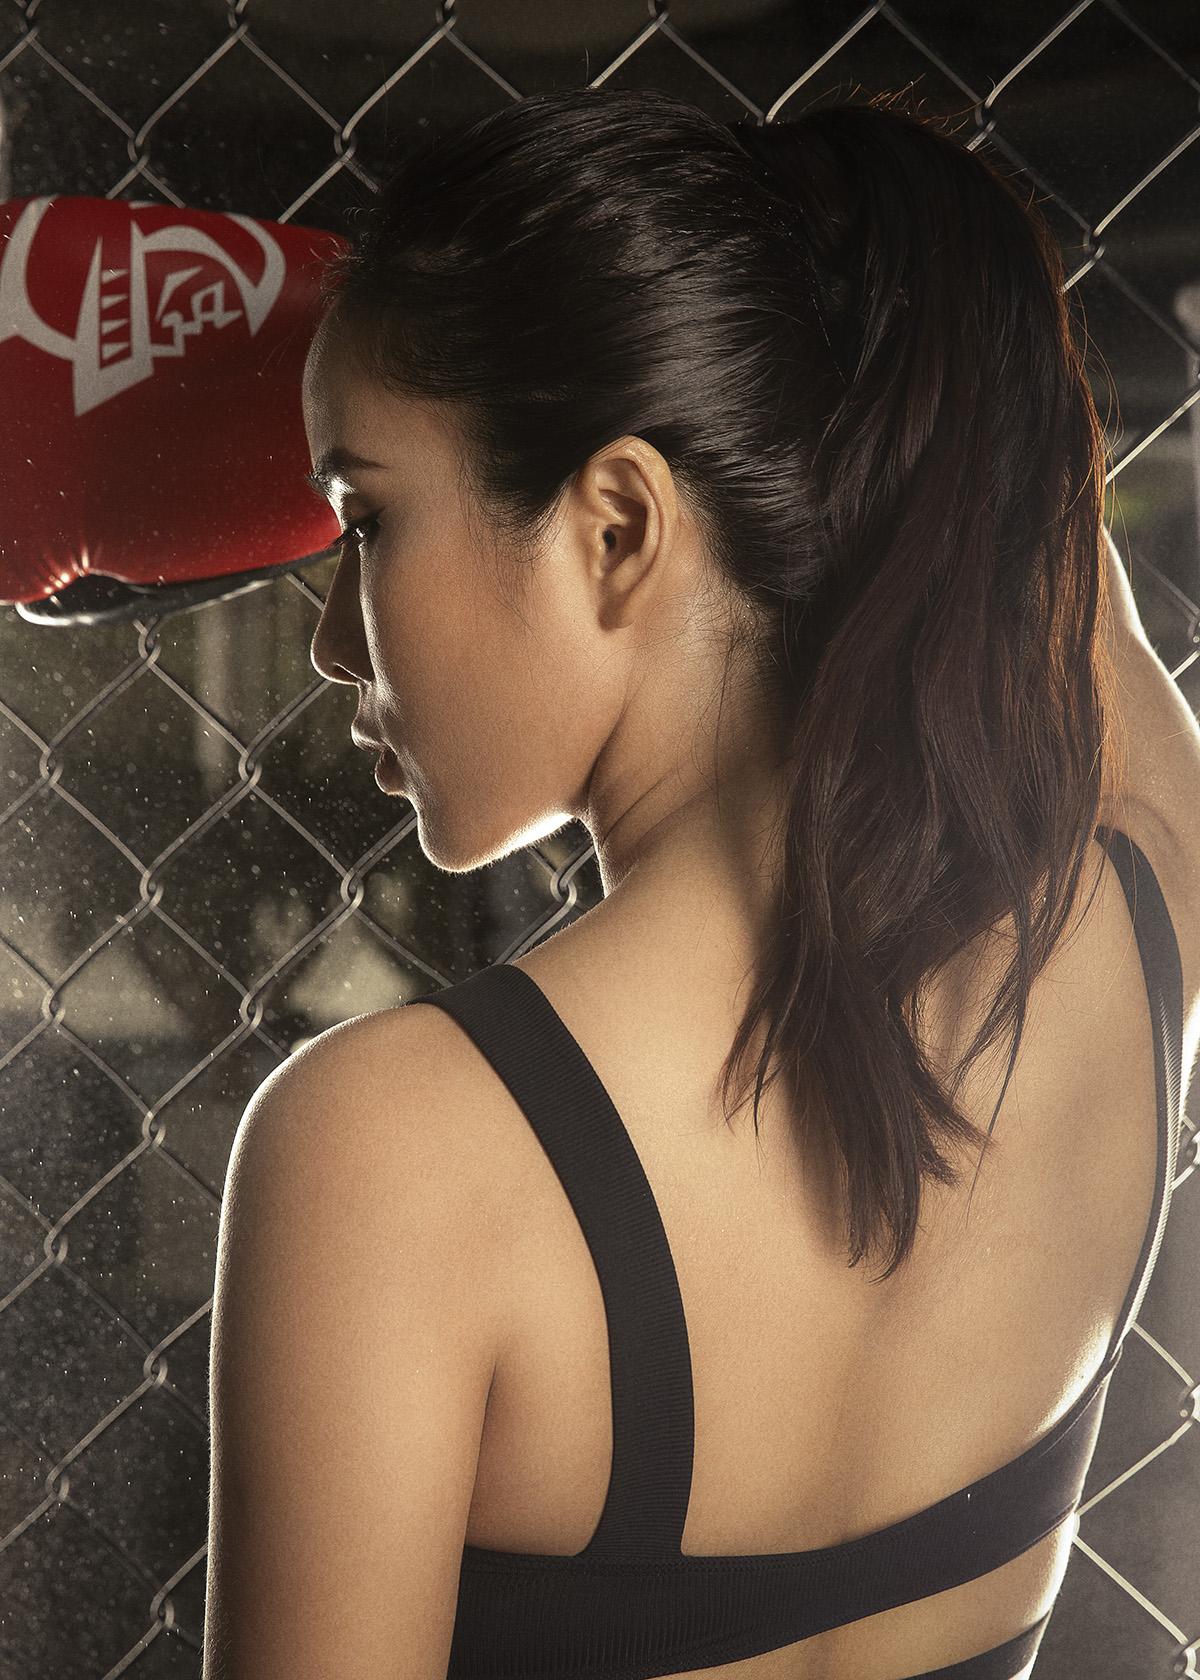 Bella Mai11 Trở lại với boxing, Bella Mai khoe cơ bụng số 11 săn chắc, quyến rũ